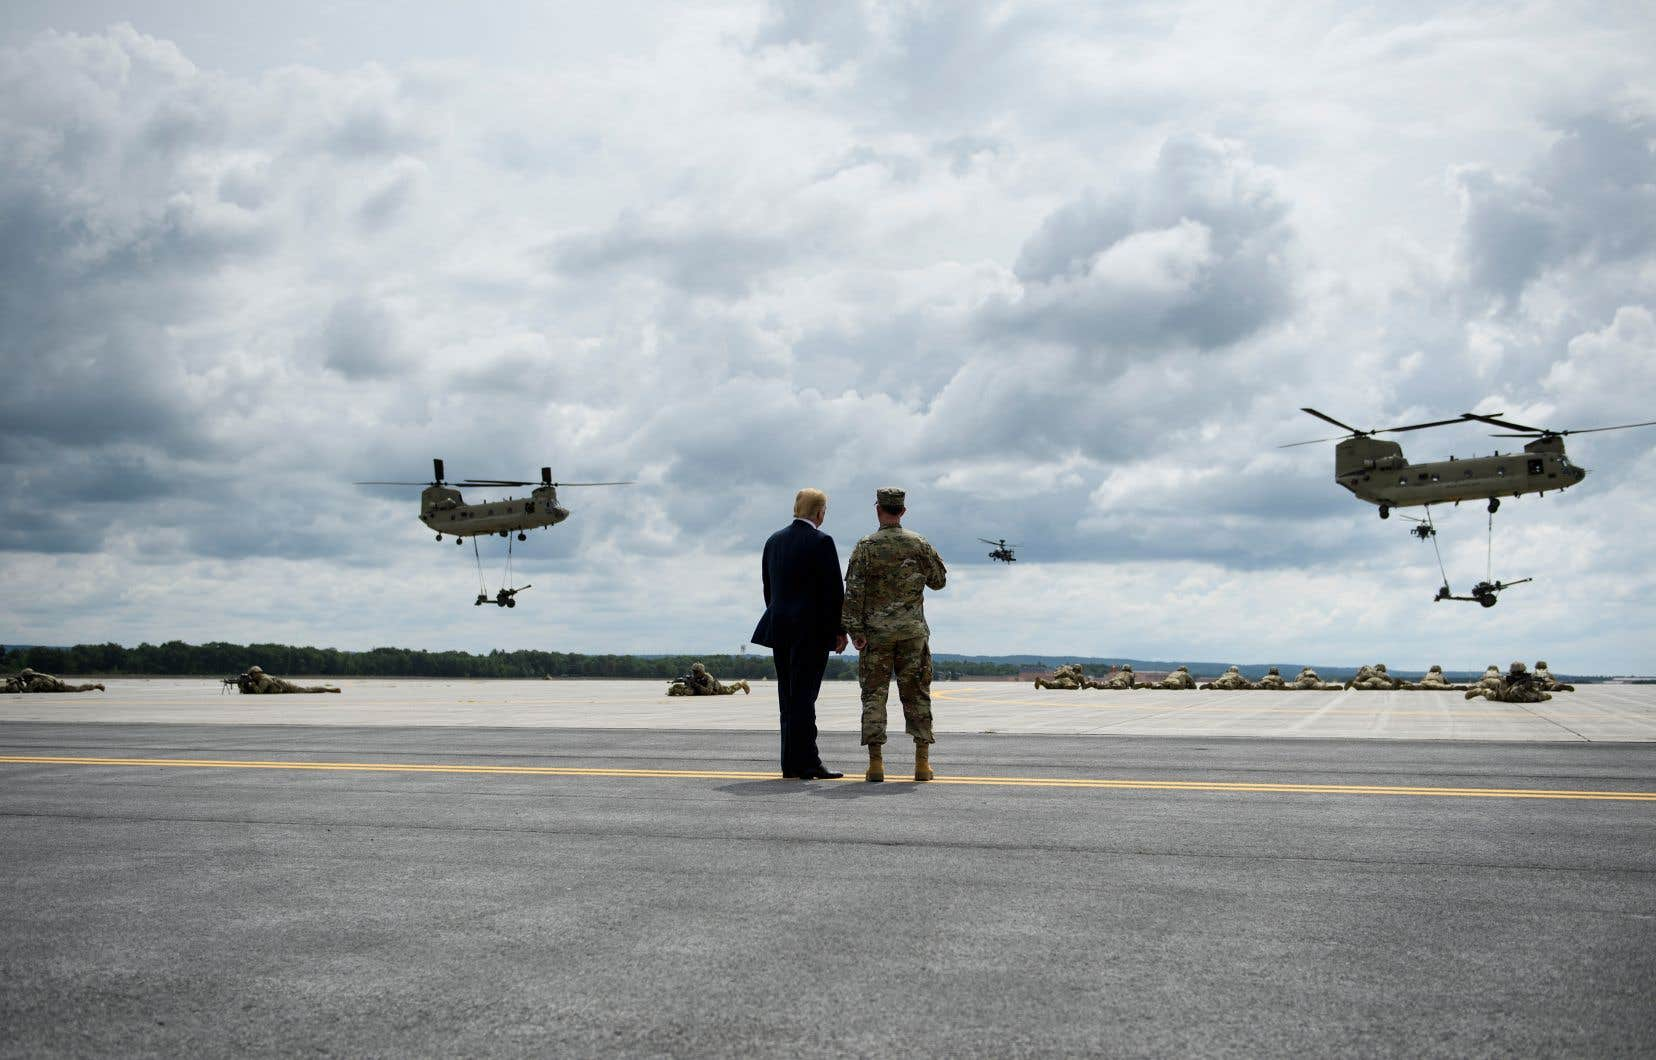 Donald Trump (à gauche) observait un exercice d'assaut aérien à Fort Drum, dans l'État de New York, lundi. Selon le patron de CAE,l'appétit du président américain pour les dépenses du secteur de la défense représente une aubaine pour la société montréalaise.